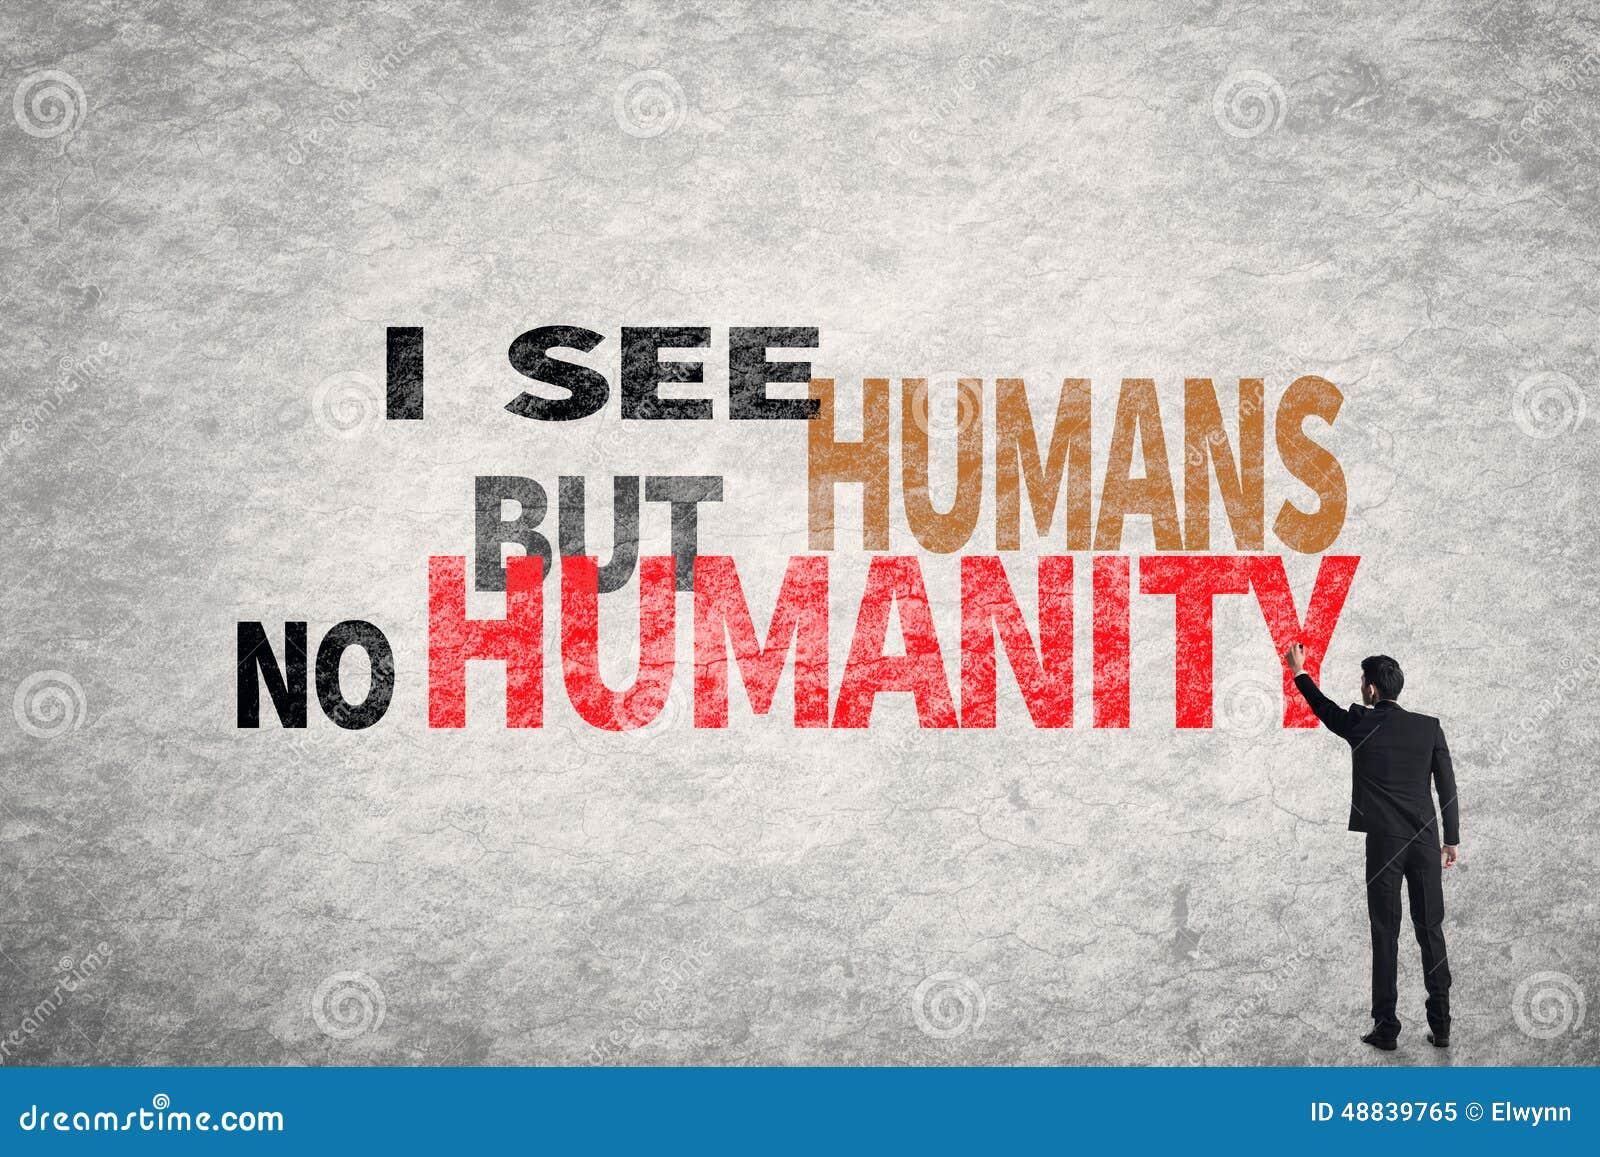 Tekst Op Muur.Tekst Op Muur Zie Ik Mensen Maar Het Geen Mensdom Stock Afbeelding